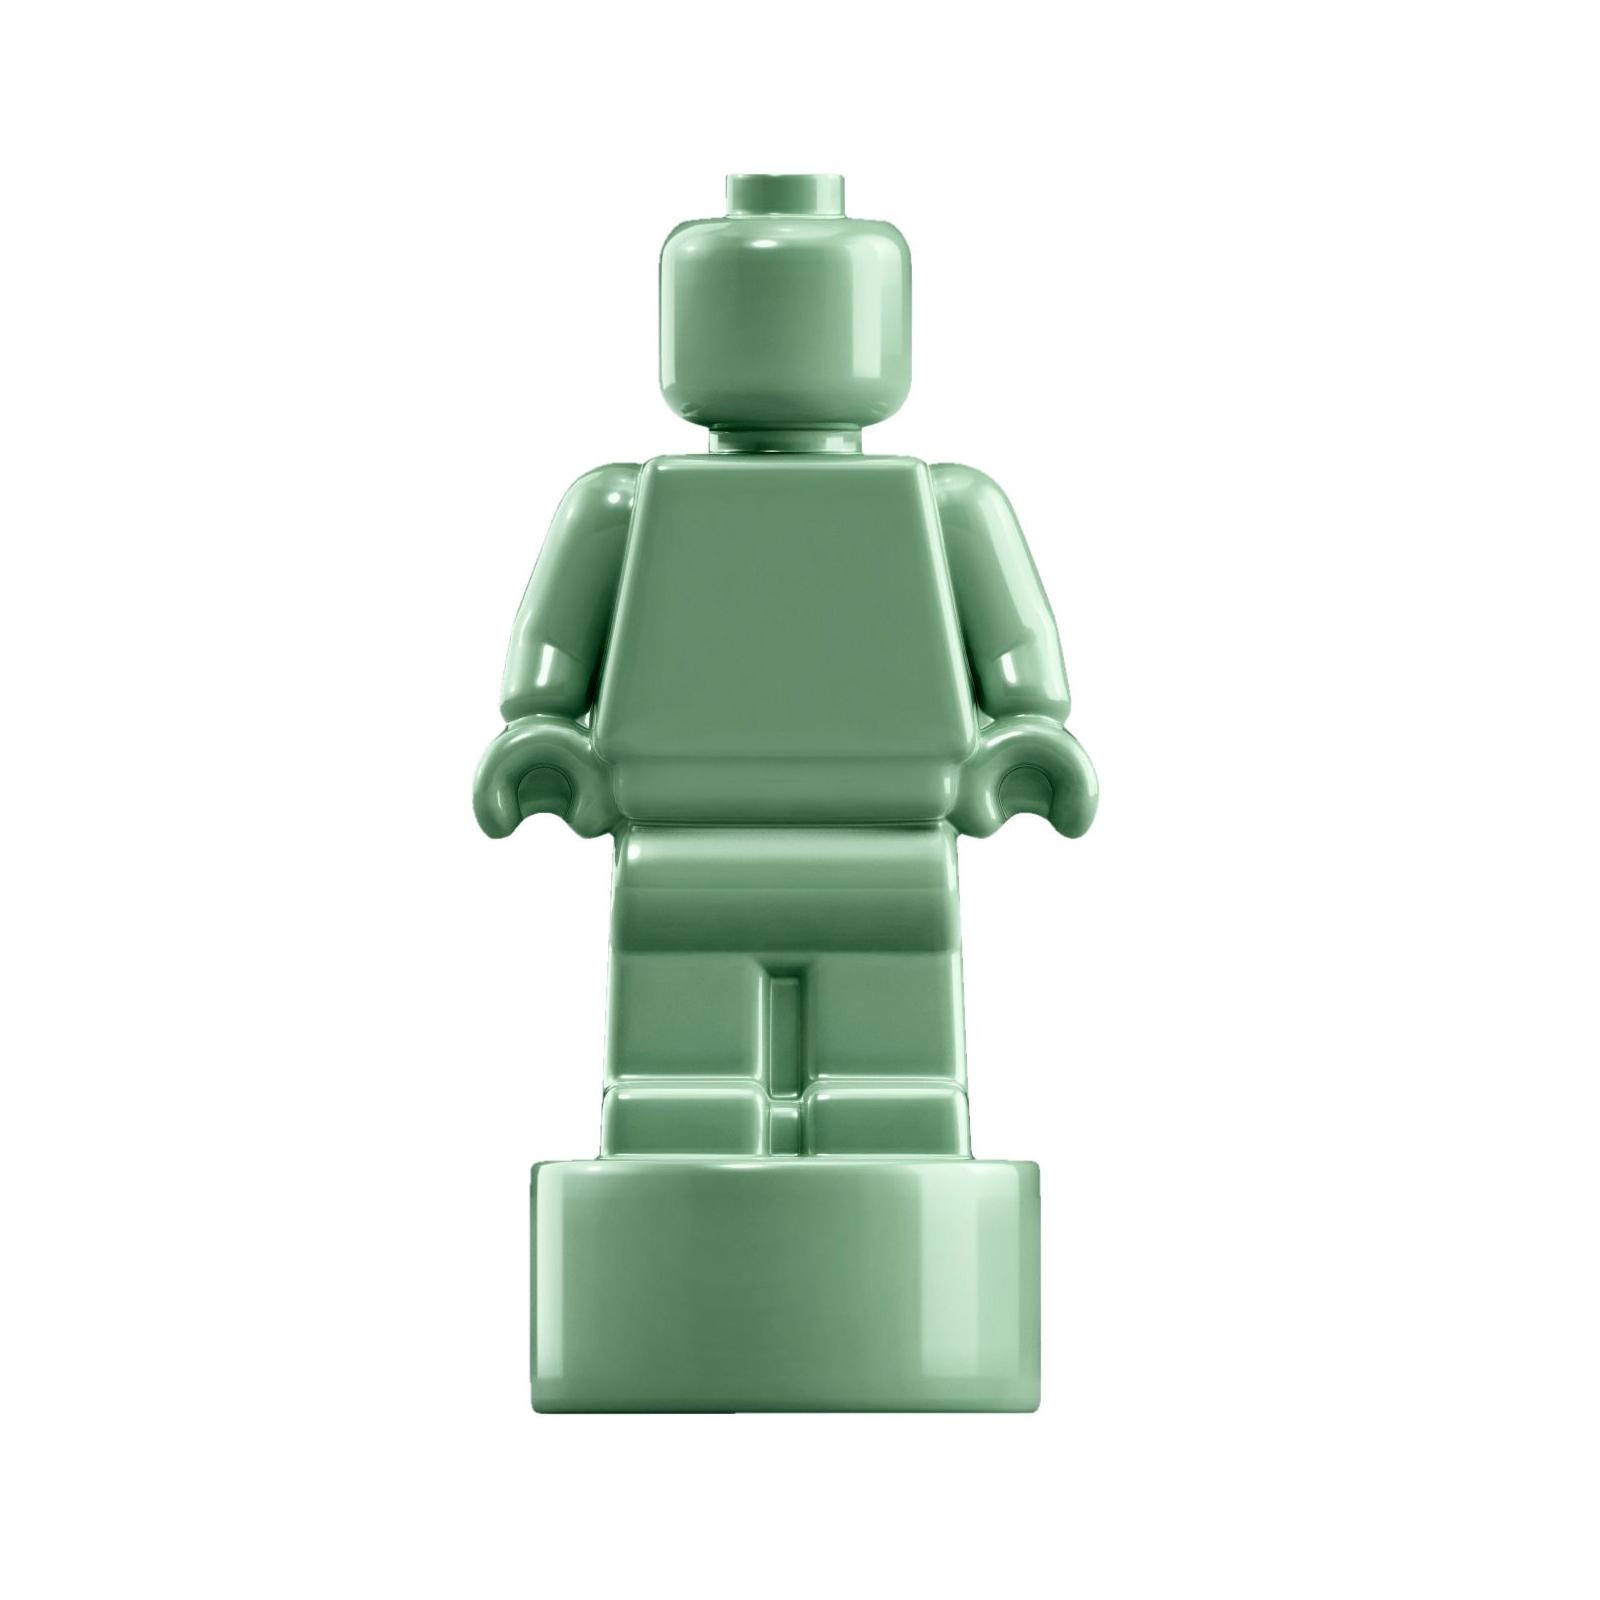 Конструктор LEGO Architecture Нью-Йорк (21028) изображение 5